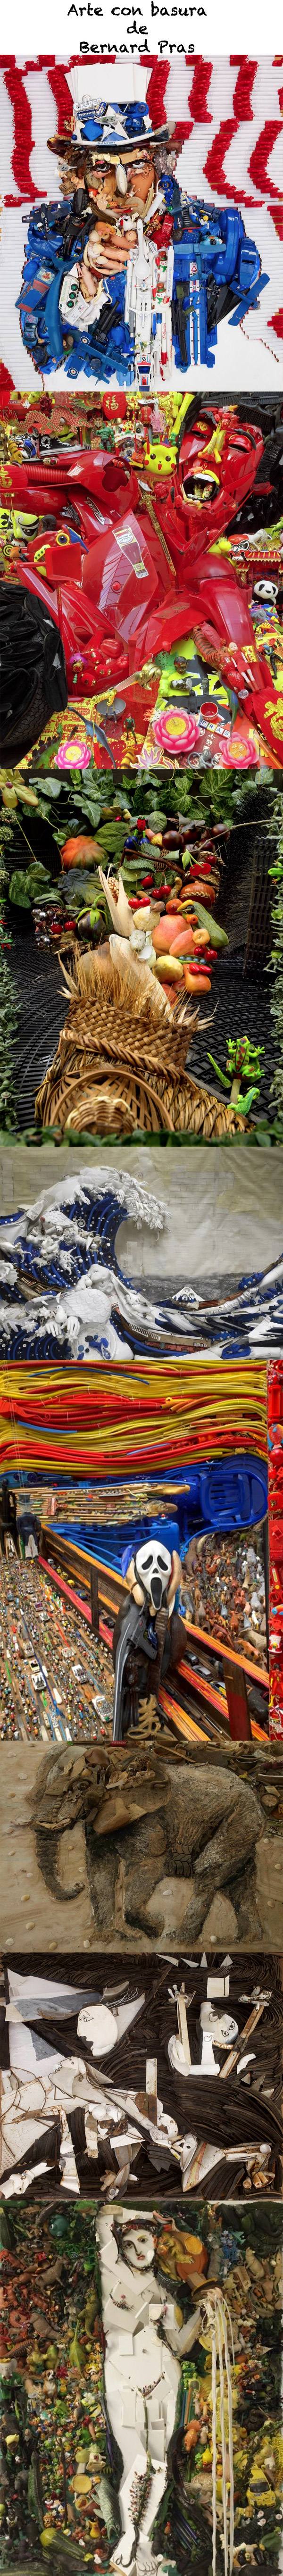 Bernard Pras y su arte hecho con basura